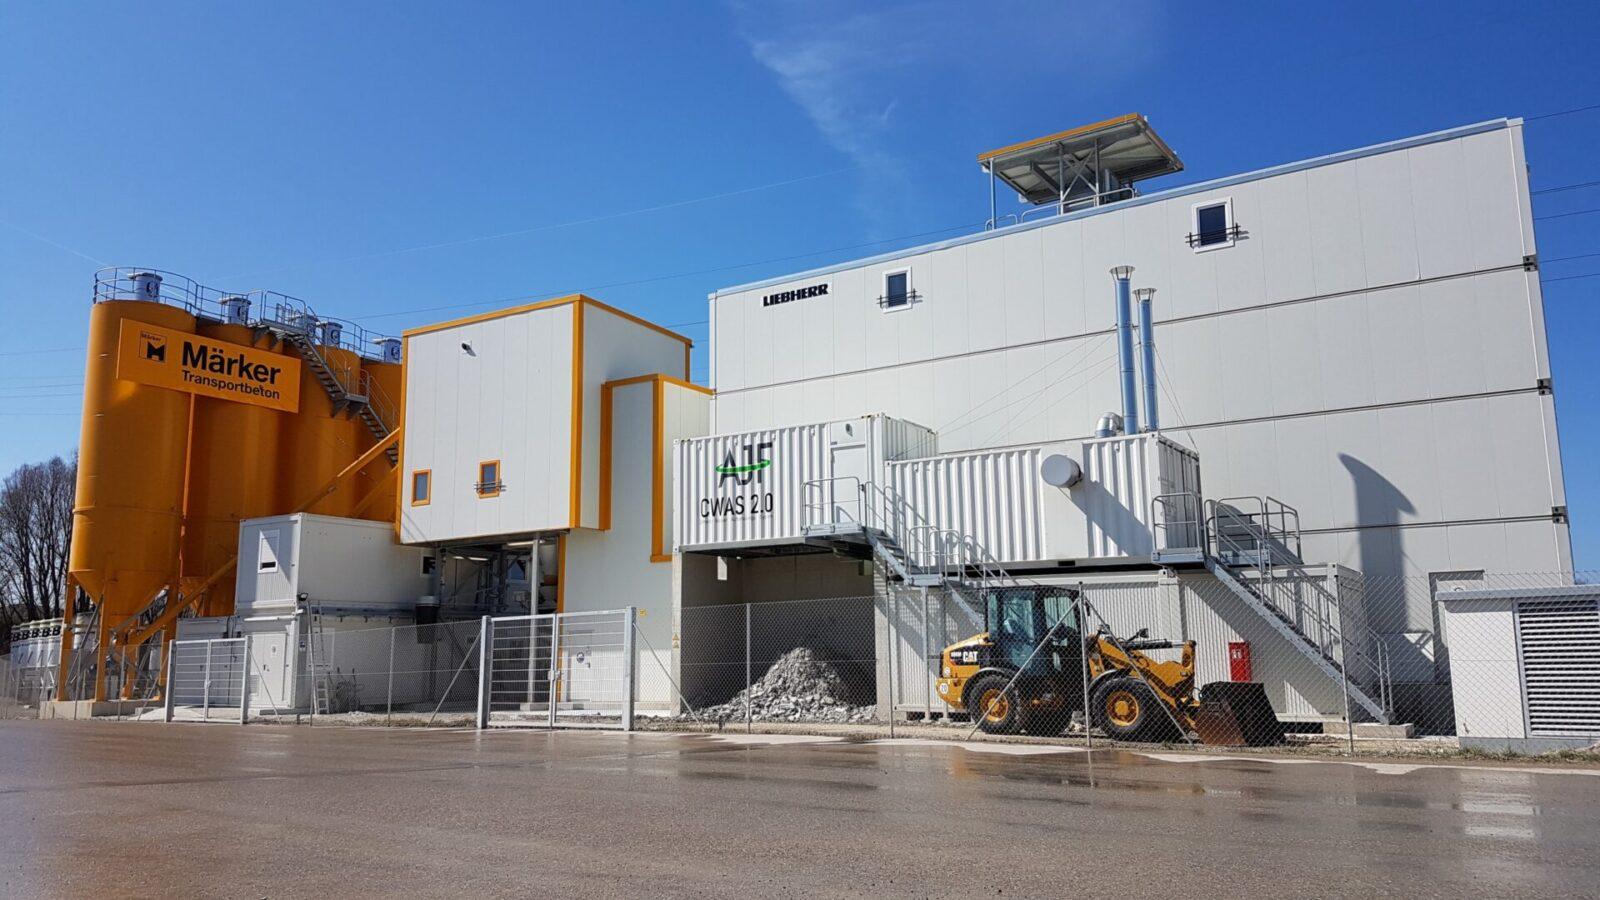 Zement-Wasser-Aufbereitungs-System CWAS 2.0 in Betrieb